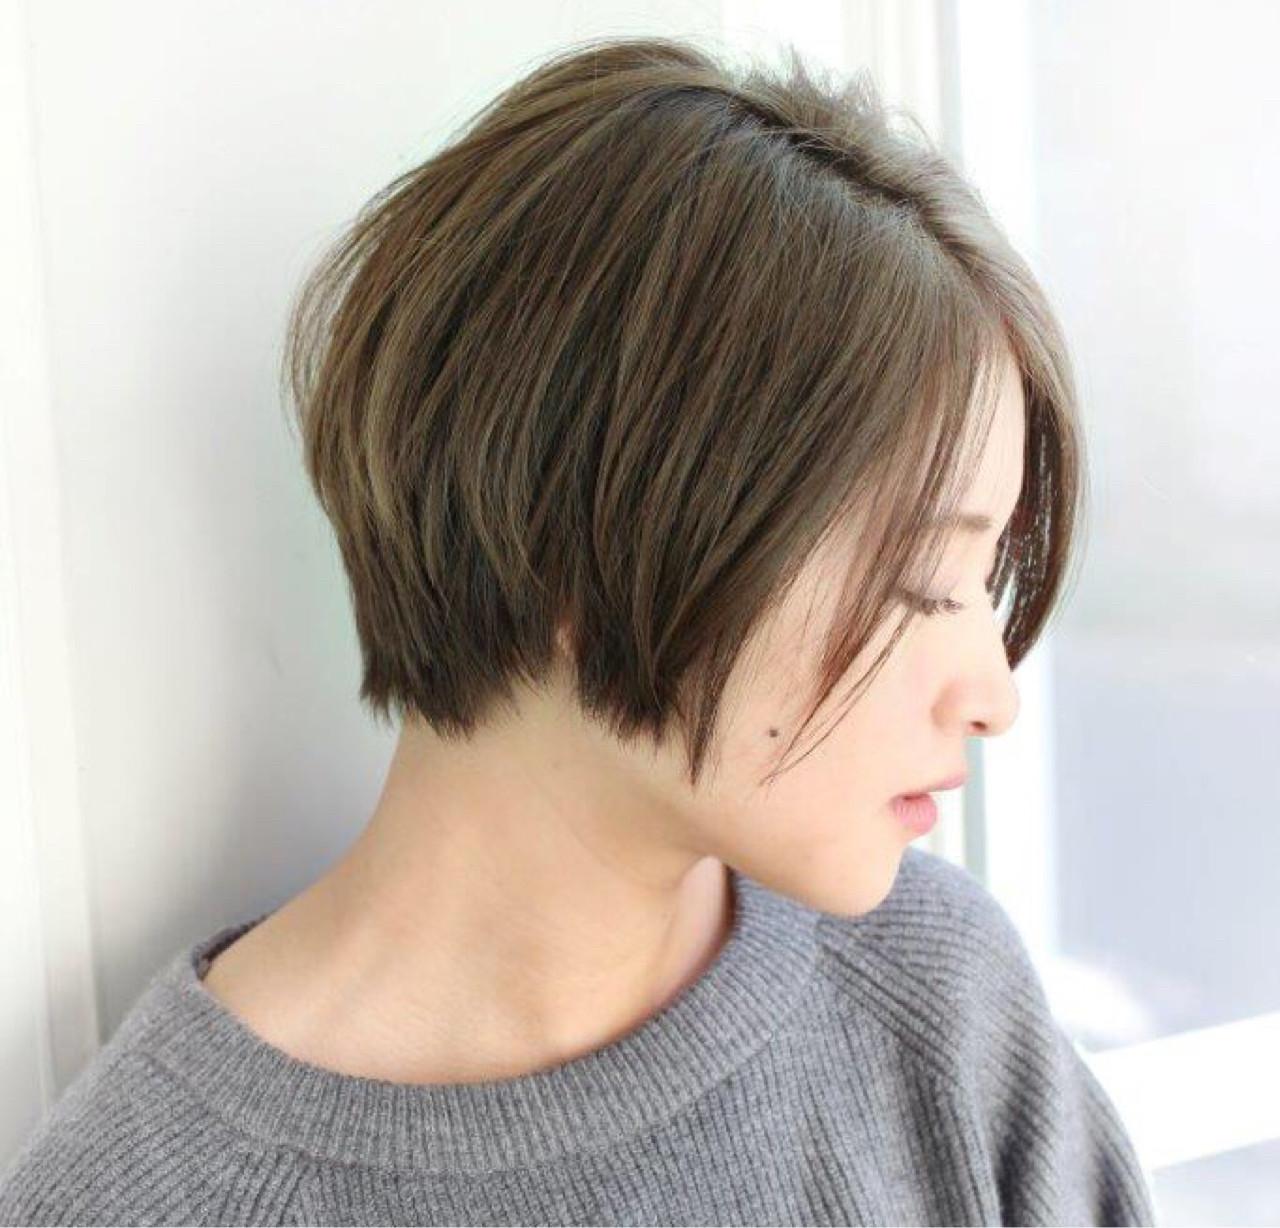 切りっぱなし ハイライト ストリート ボブ ヘアスタイルや髪型の写真・画像 | ボブで人気‼️ 増永 剛大/Un ami / Un ami omotesando